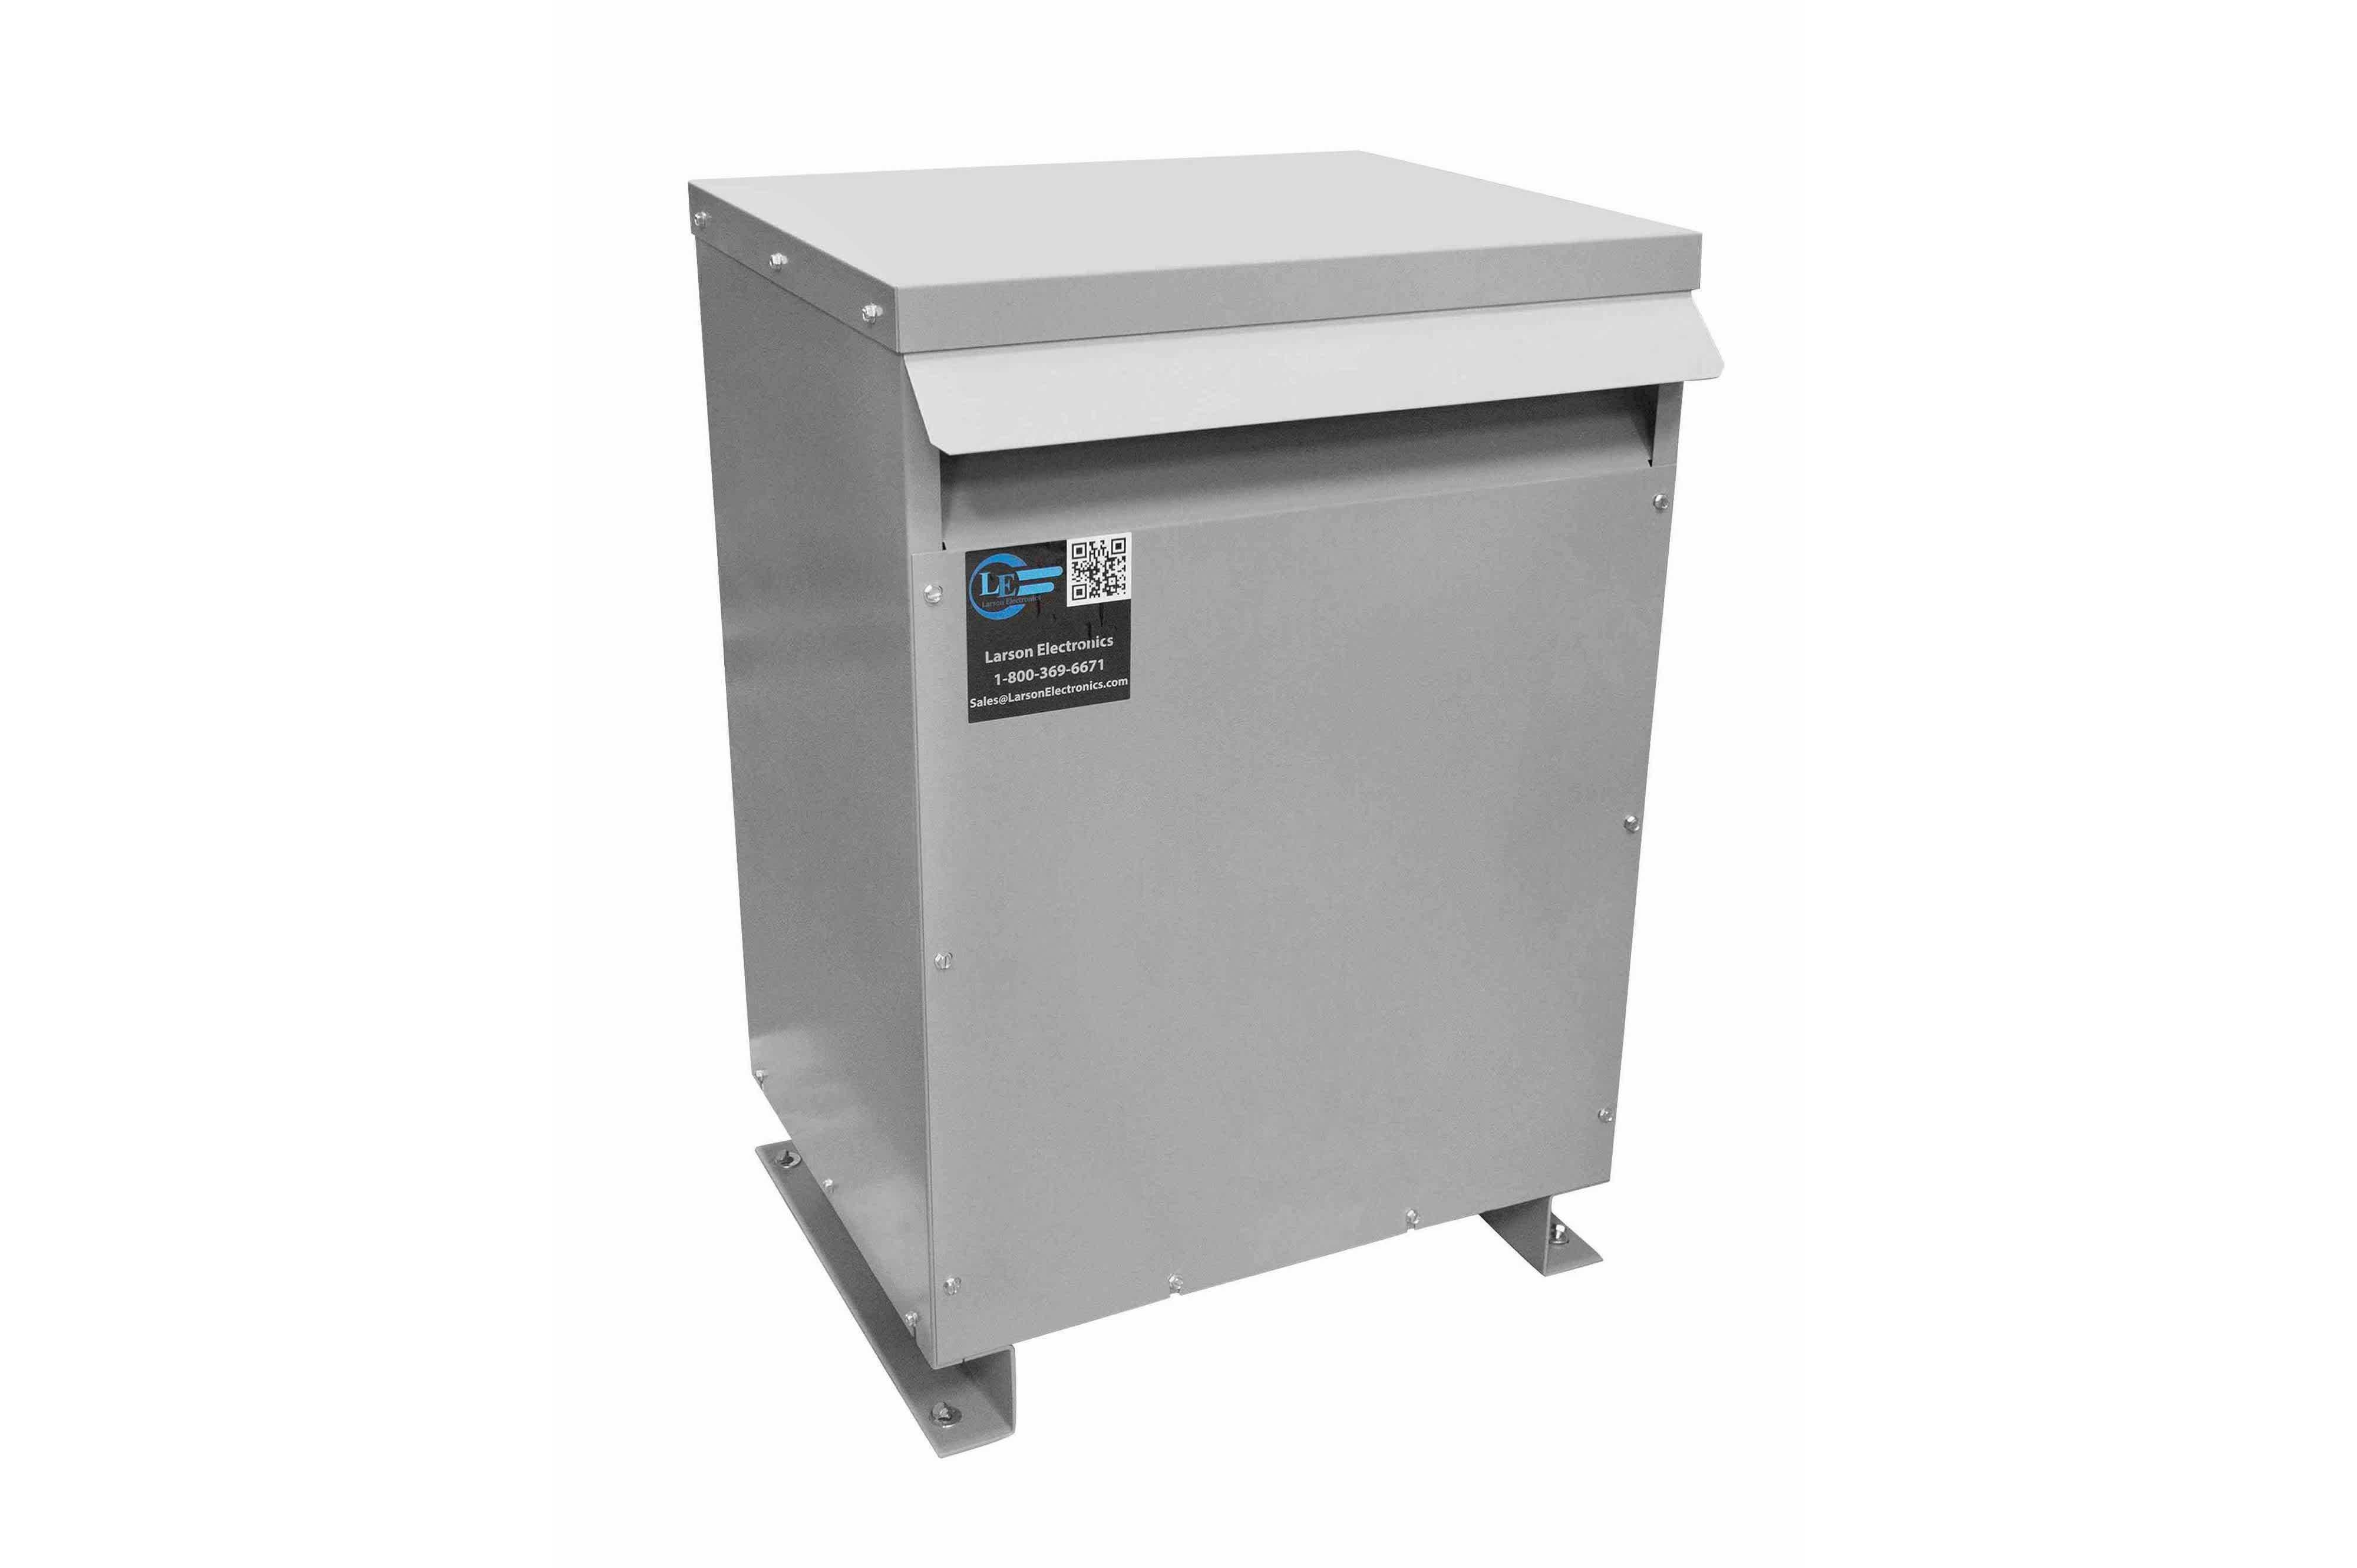 100 kVA 3PH Isolation Transformer, 440V Delta Primary, 208V Delta Secondary, N3R, Ventilated, 60 Hz